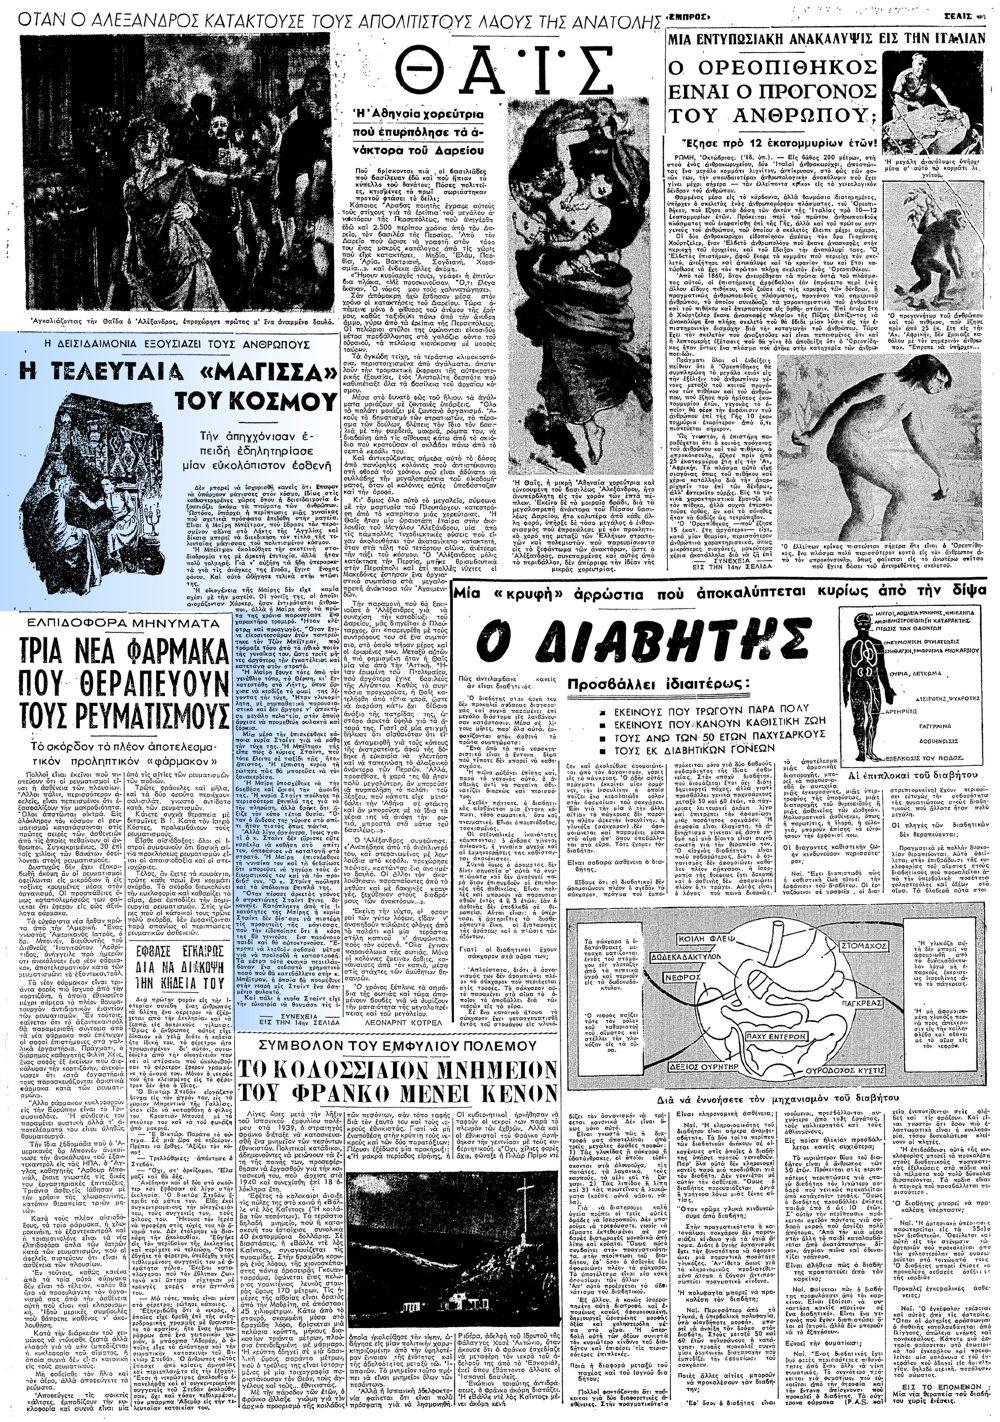 """Το άρθρο, όπως δημοσιεύθηκε στην εφημερίδα """"ΕΜΠΡΟΣ"""", στις 04/10/1958"""